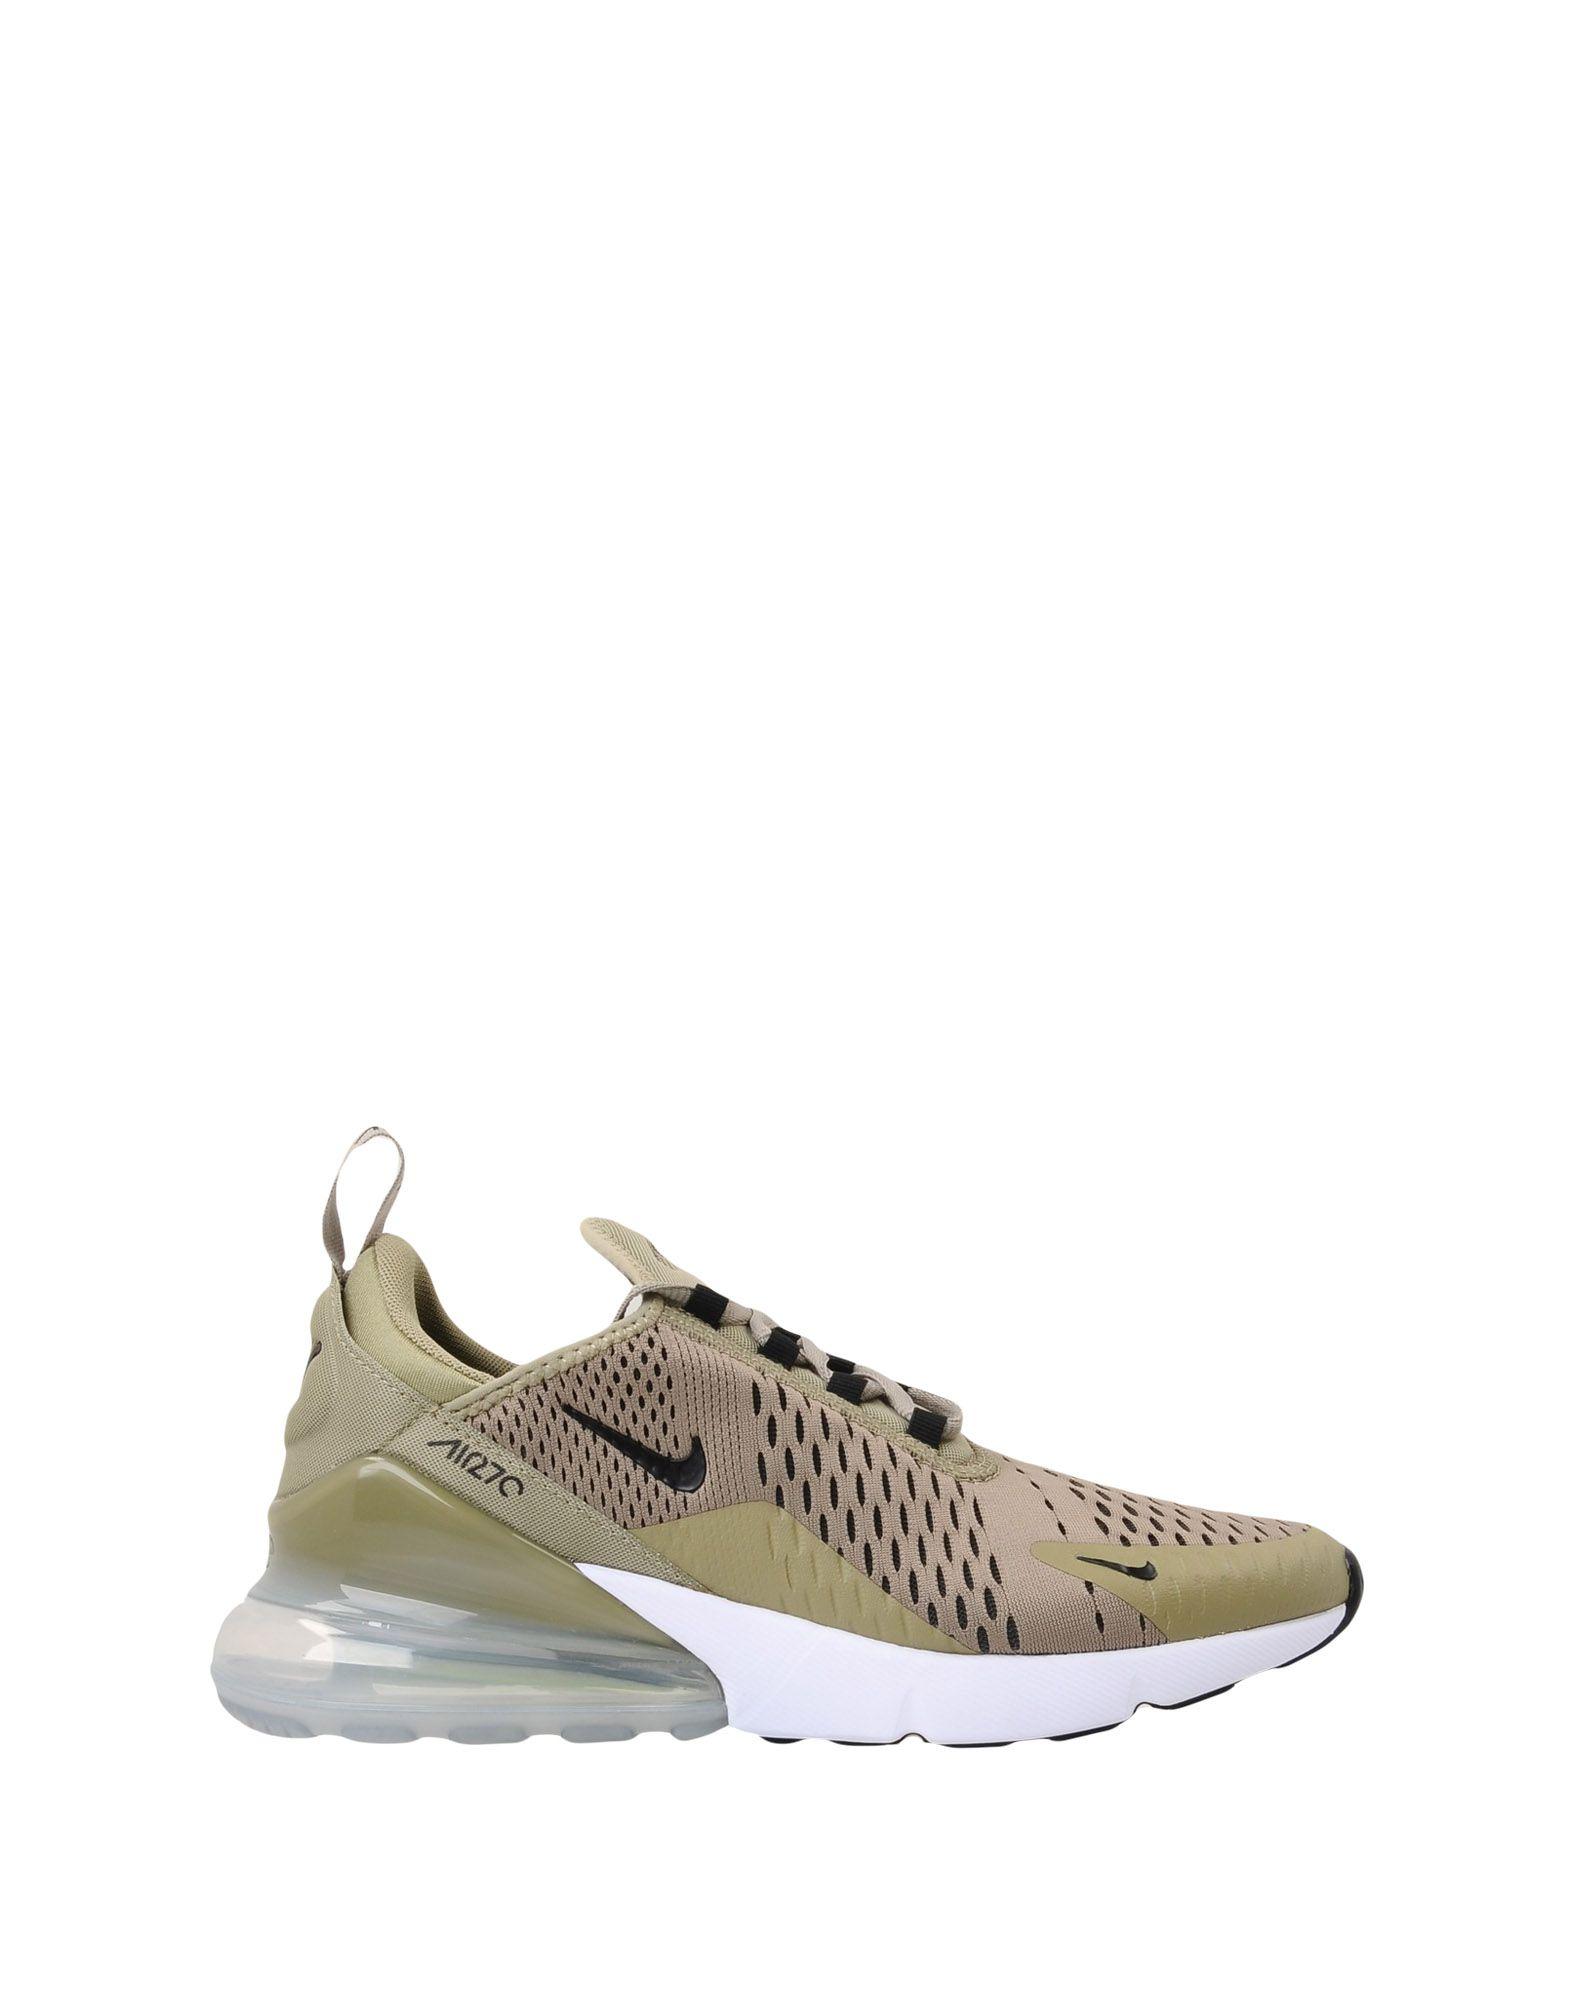 Sneakers Nike  Air Max 270 - Femme - Sneakers Nike sur